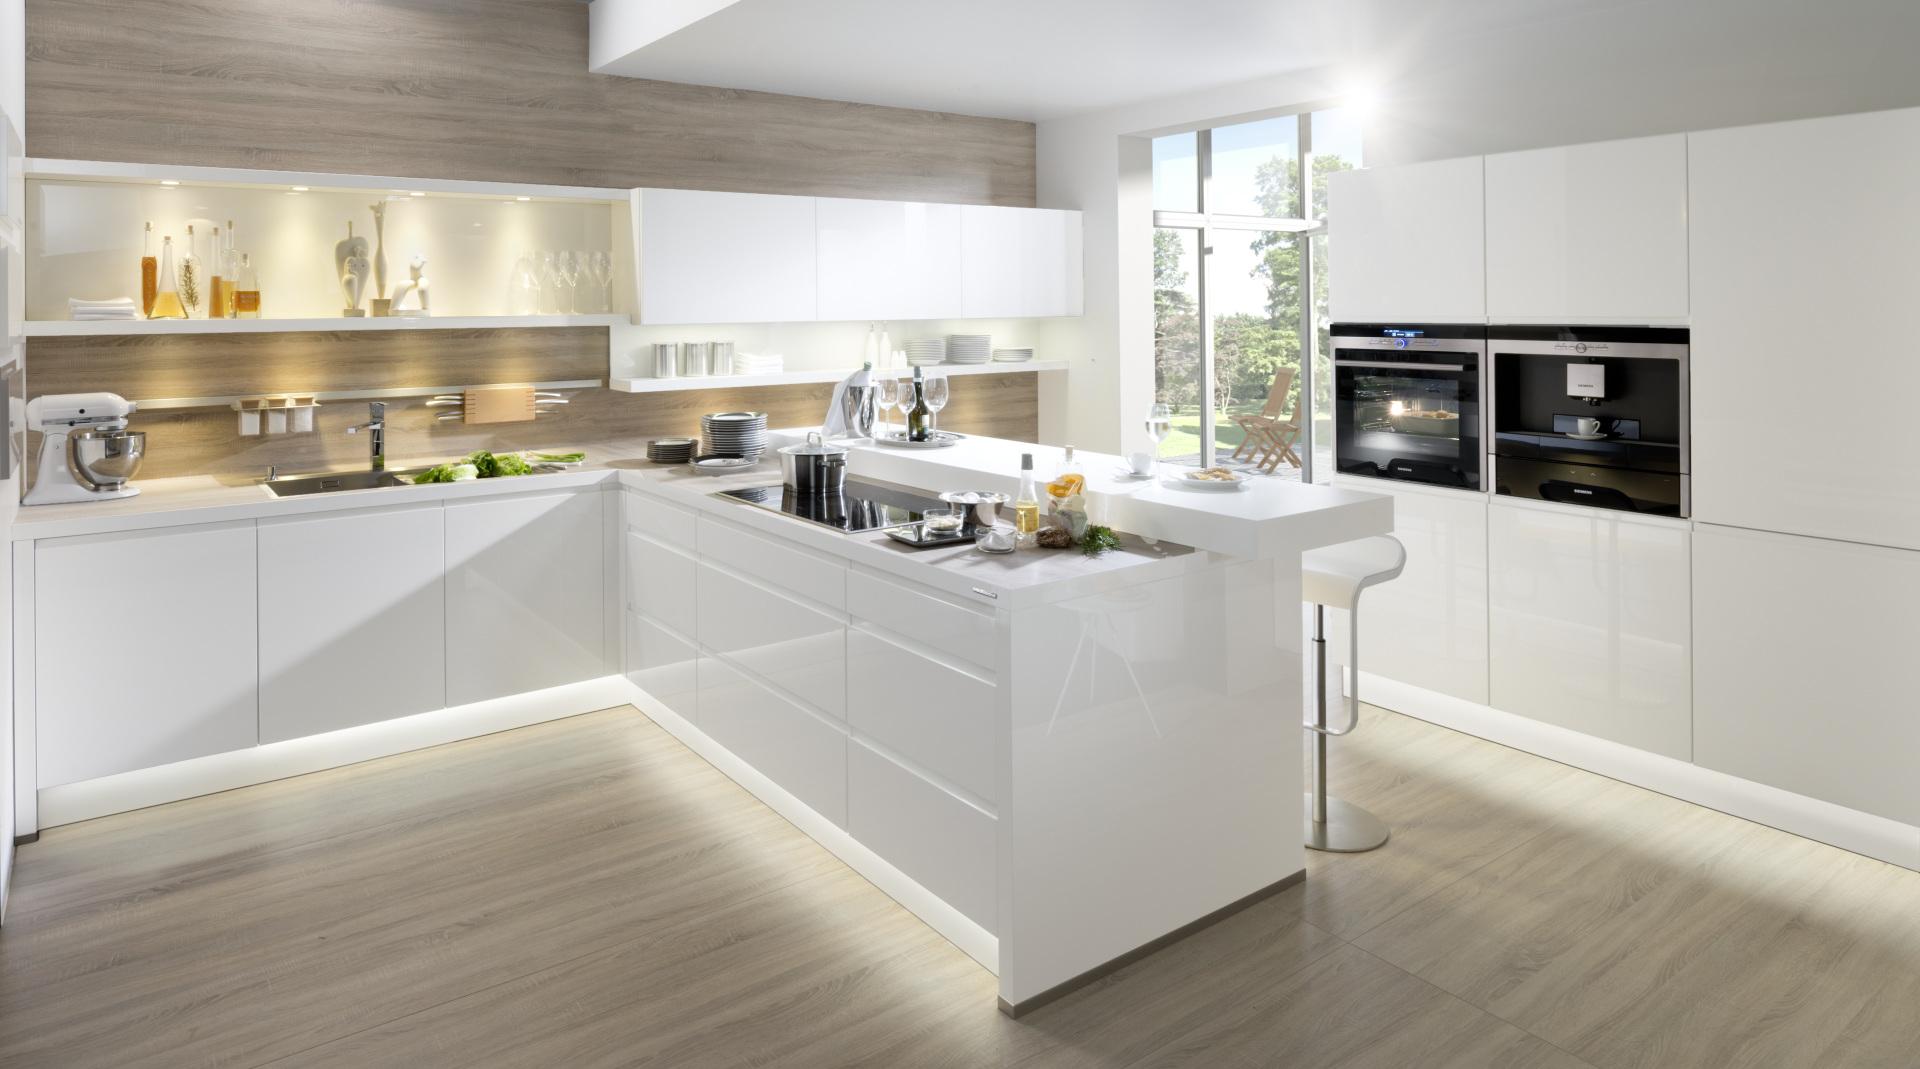 Küchen als Zentrum für Genuß und Kommunikation. Wir beraten markenunabhängig - auch mit barrierefreiem Komfort